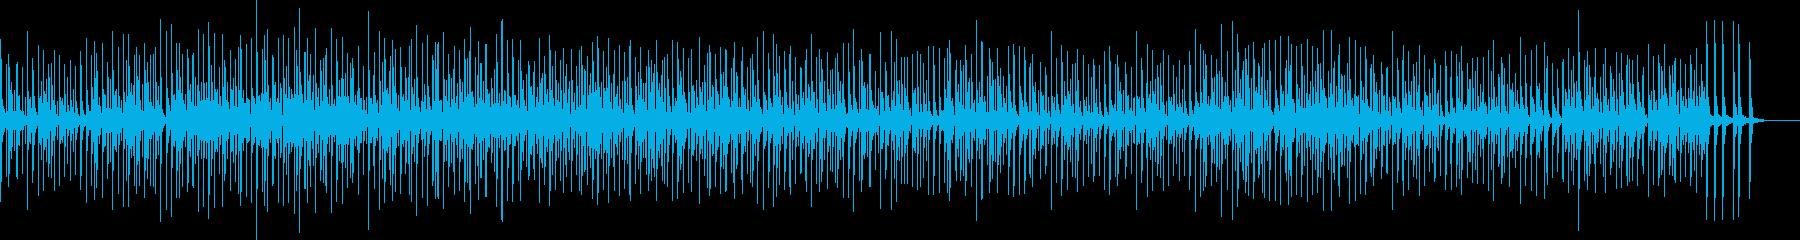 大地と太古を感じる太鼓の再生済みの波形